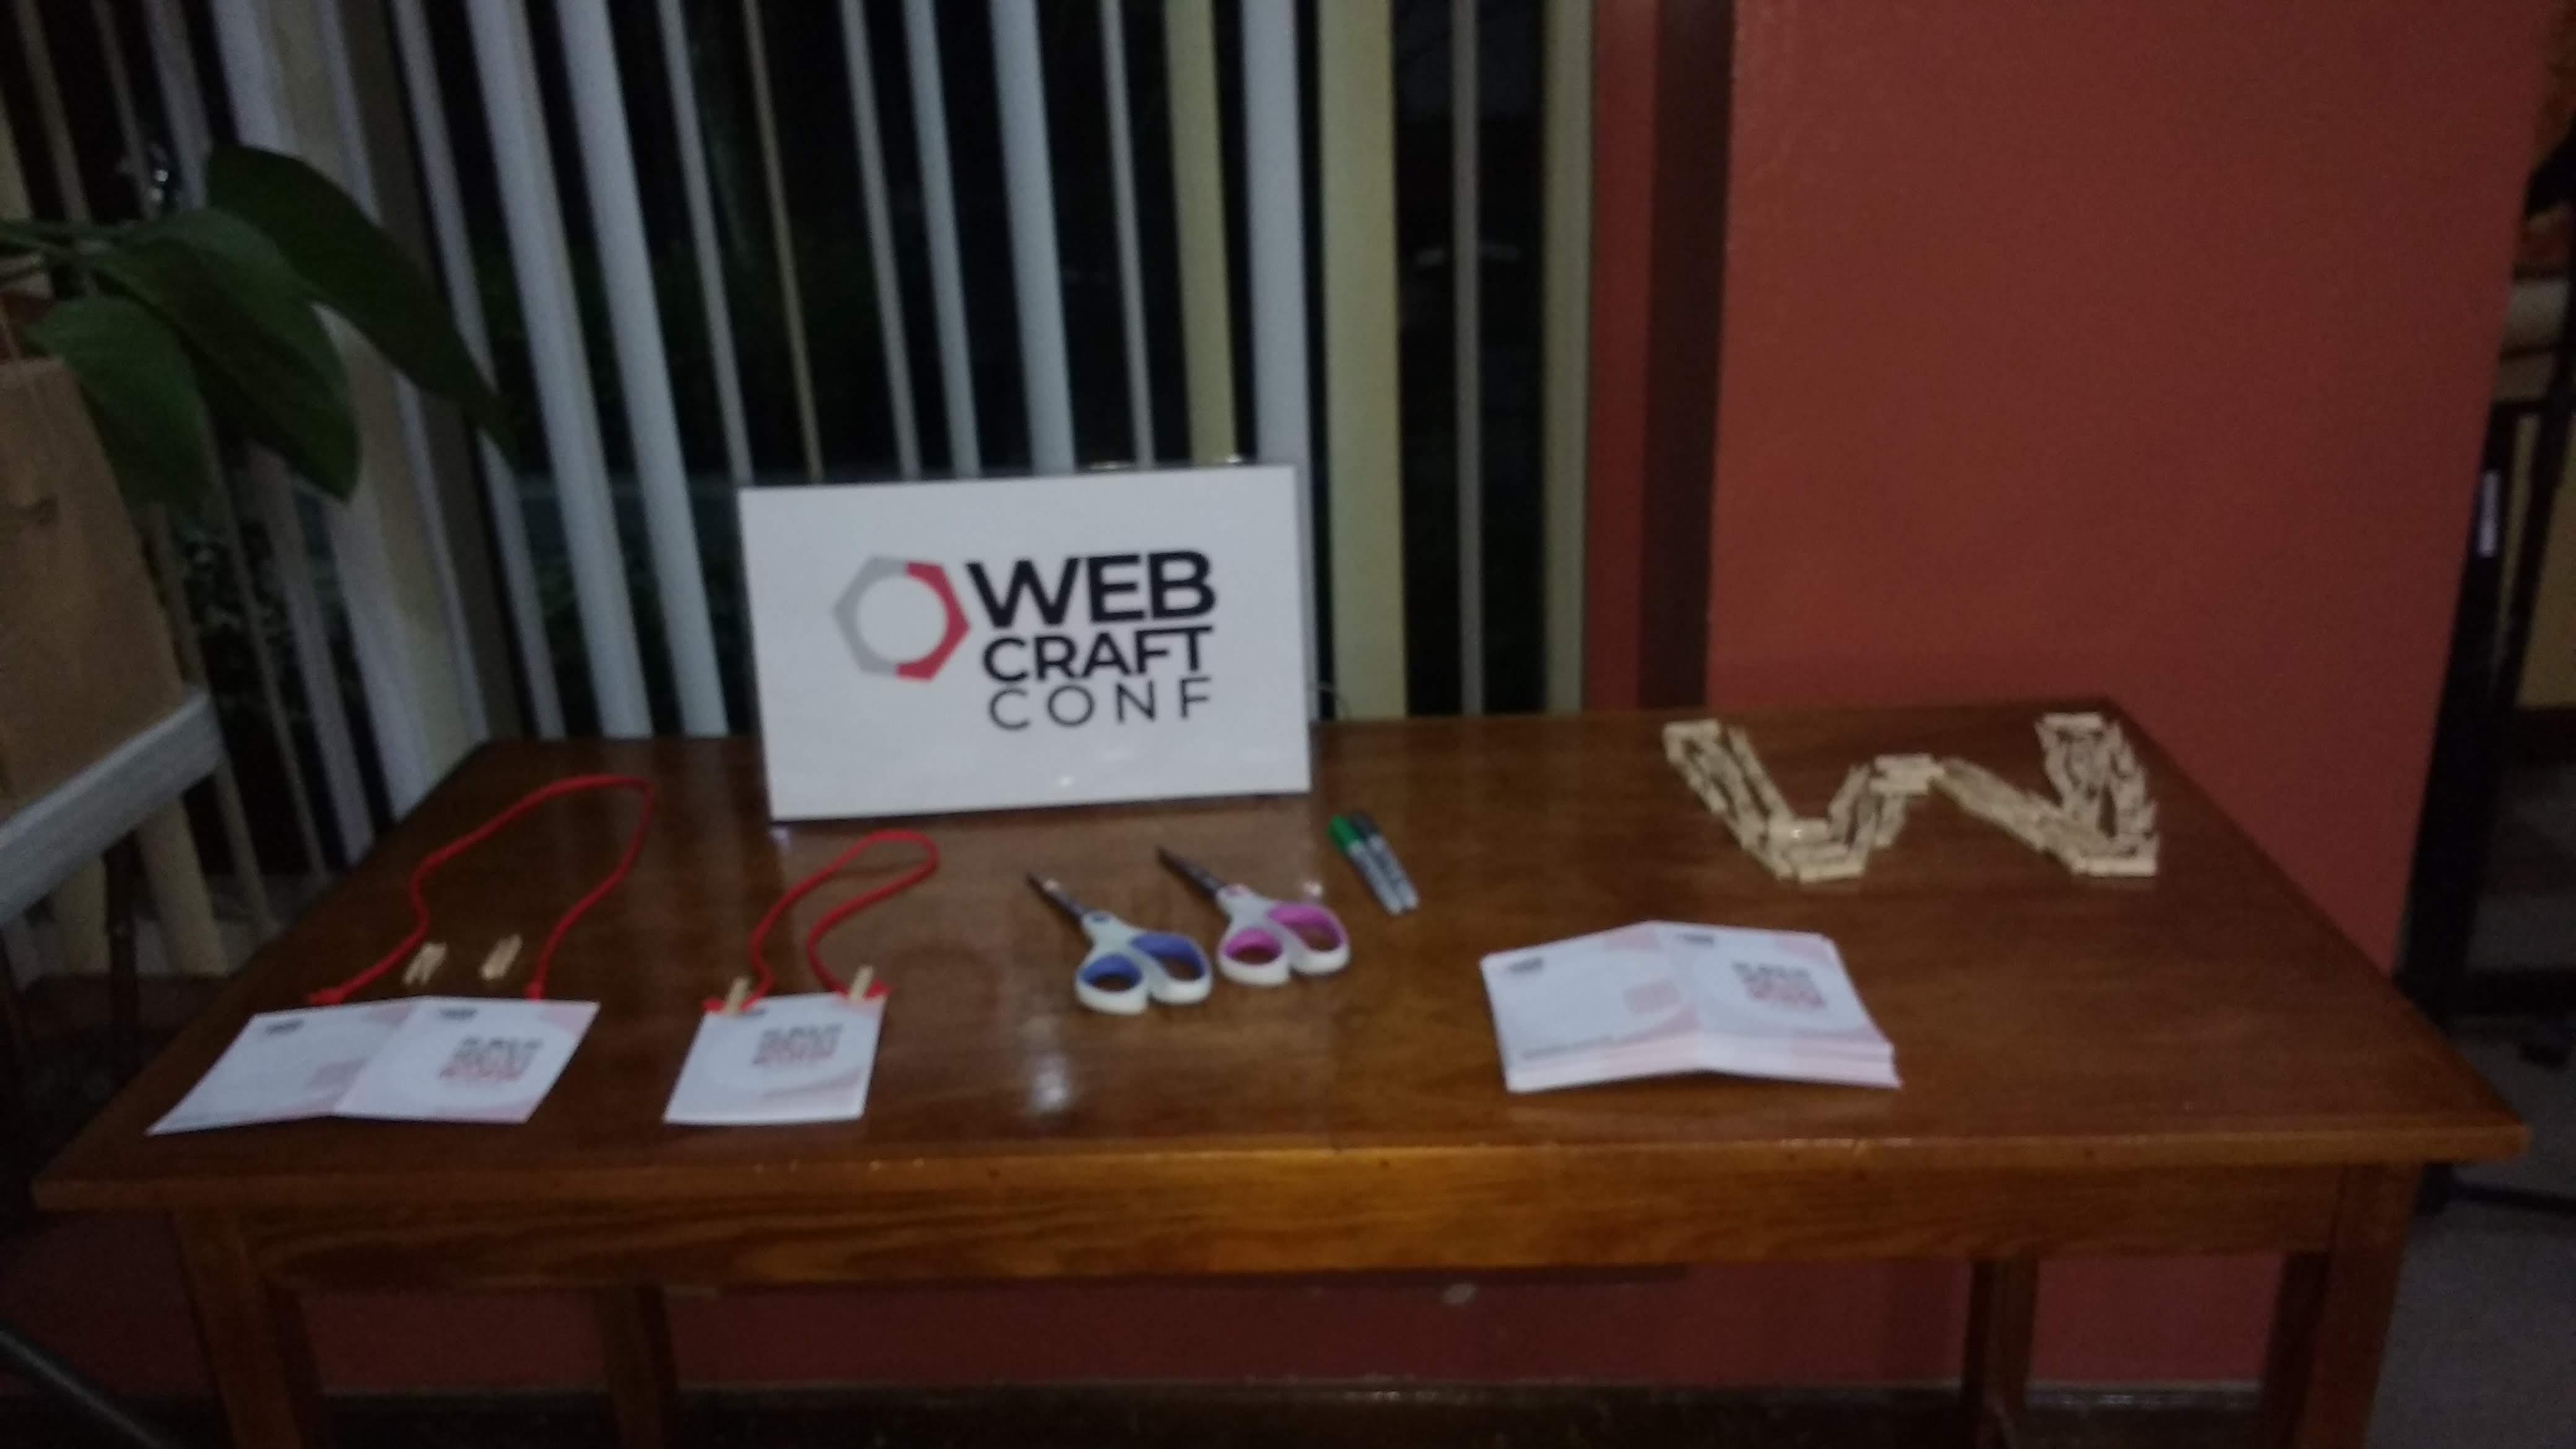 WebcraftConf